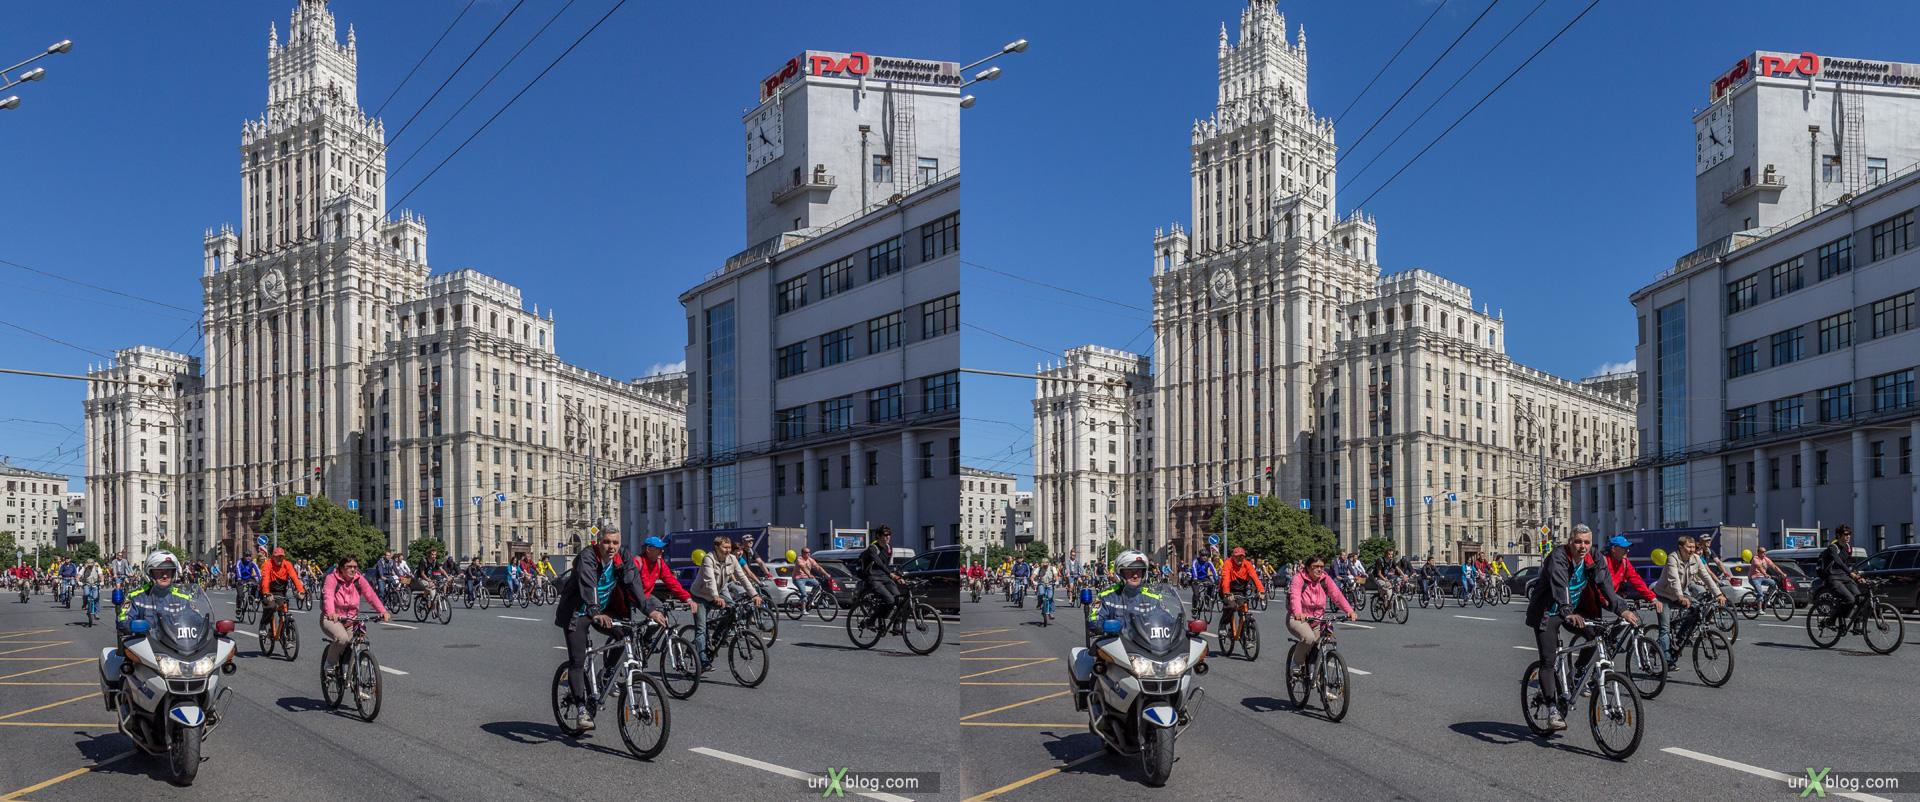 2014, велопарад, Москва, Россия, Садовое кольцо, Красные ворота, лето, июнь, велосипеды, 3D, перекрёстная стереопара, стерео, стереопара